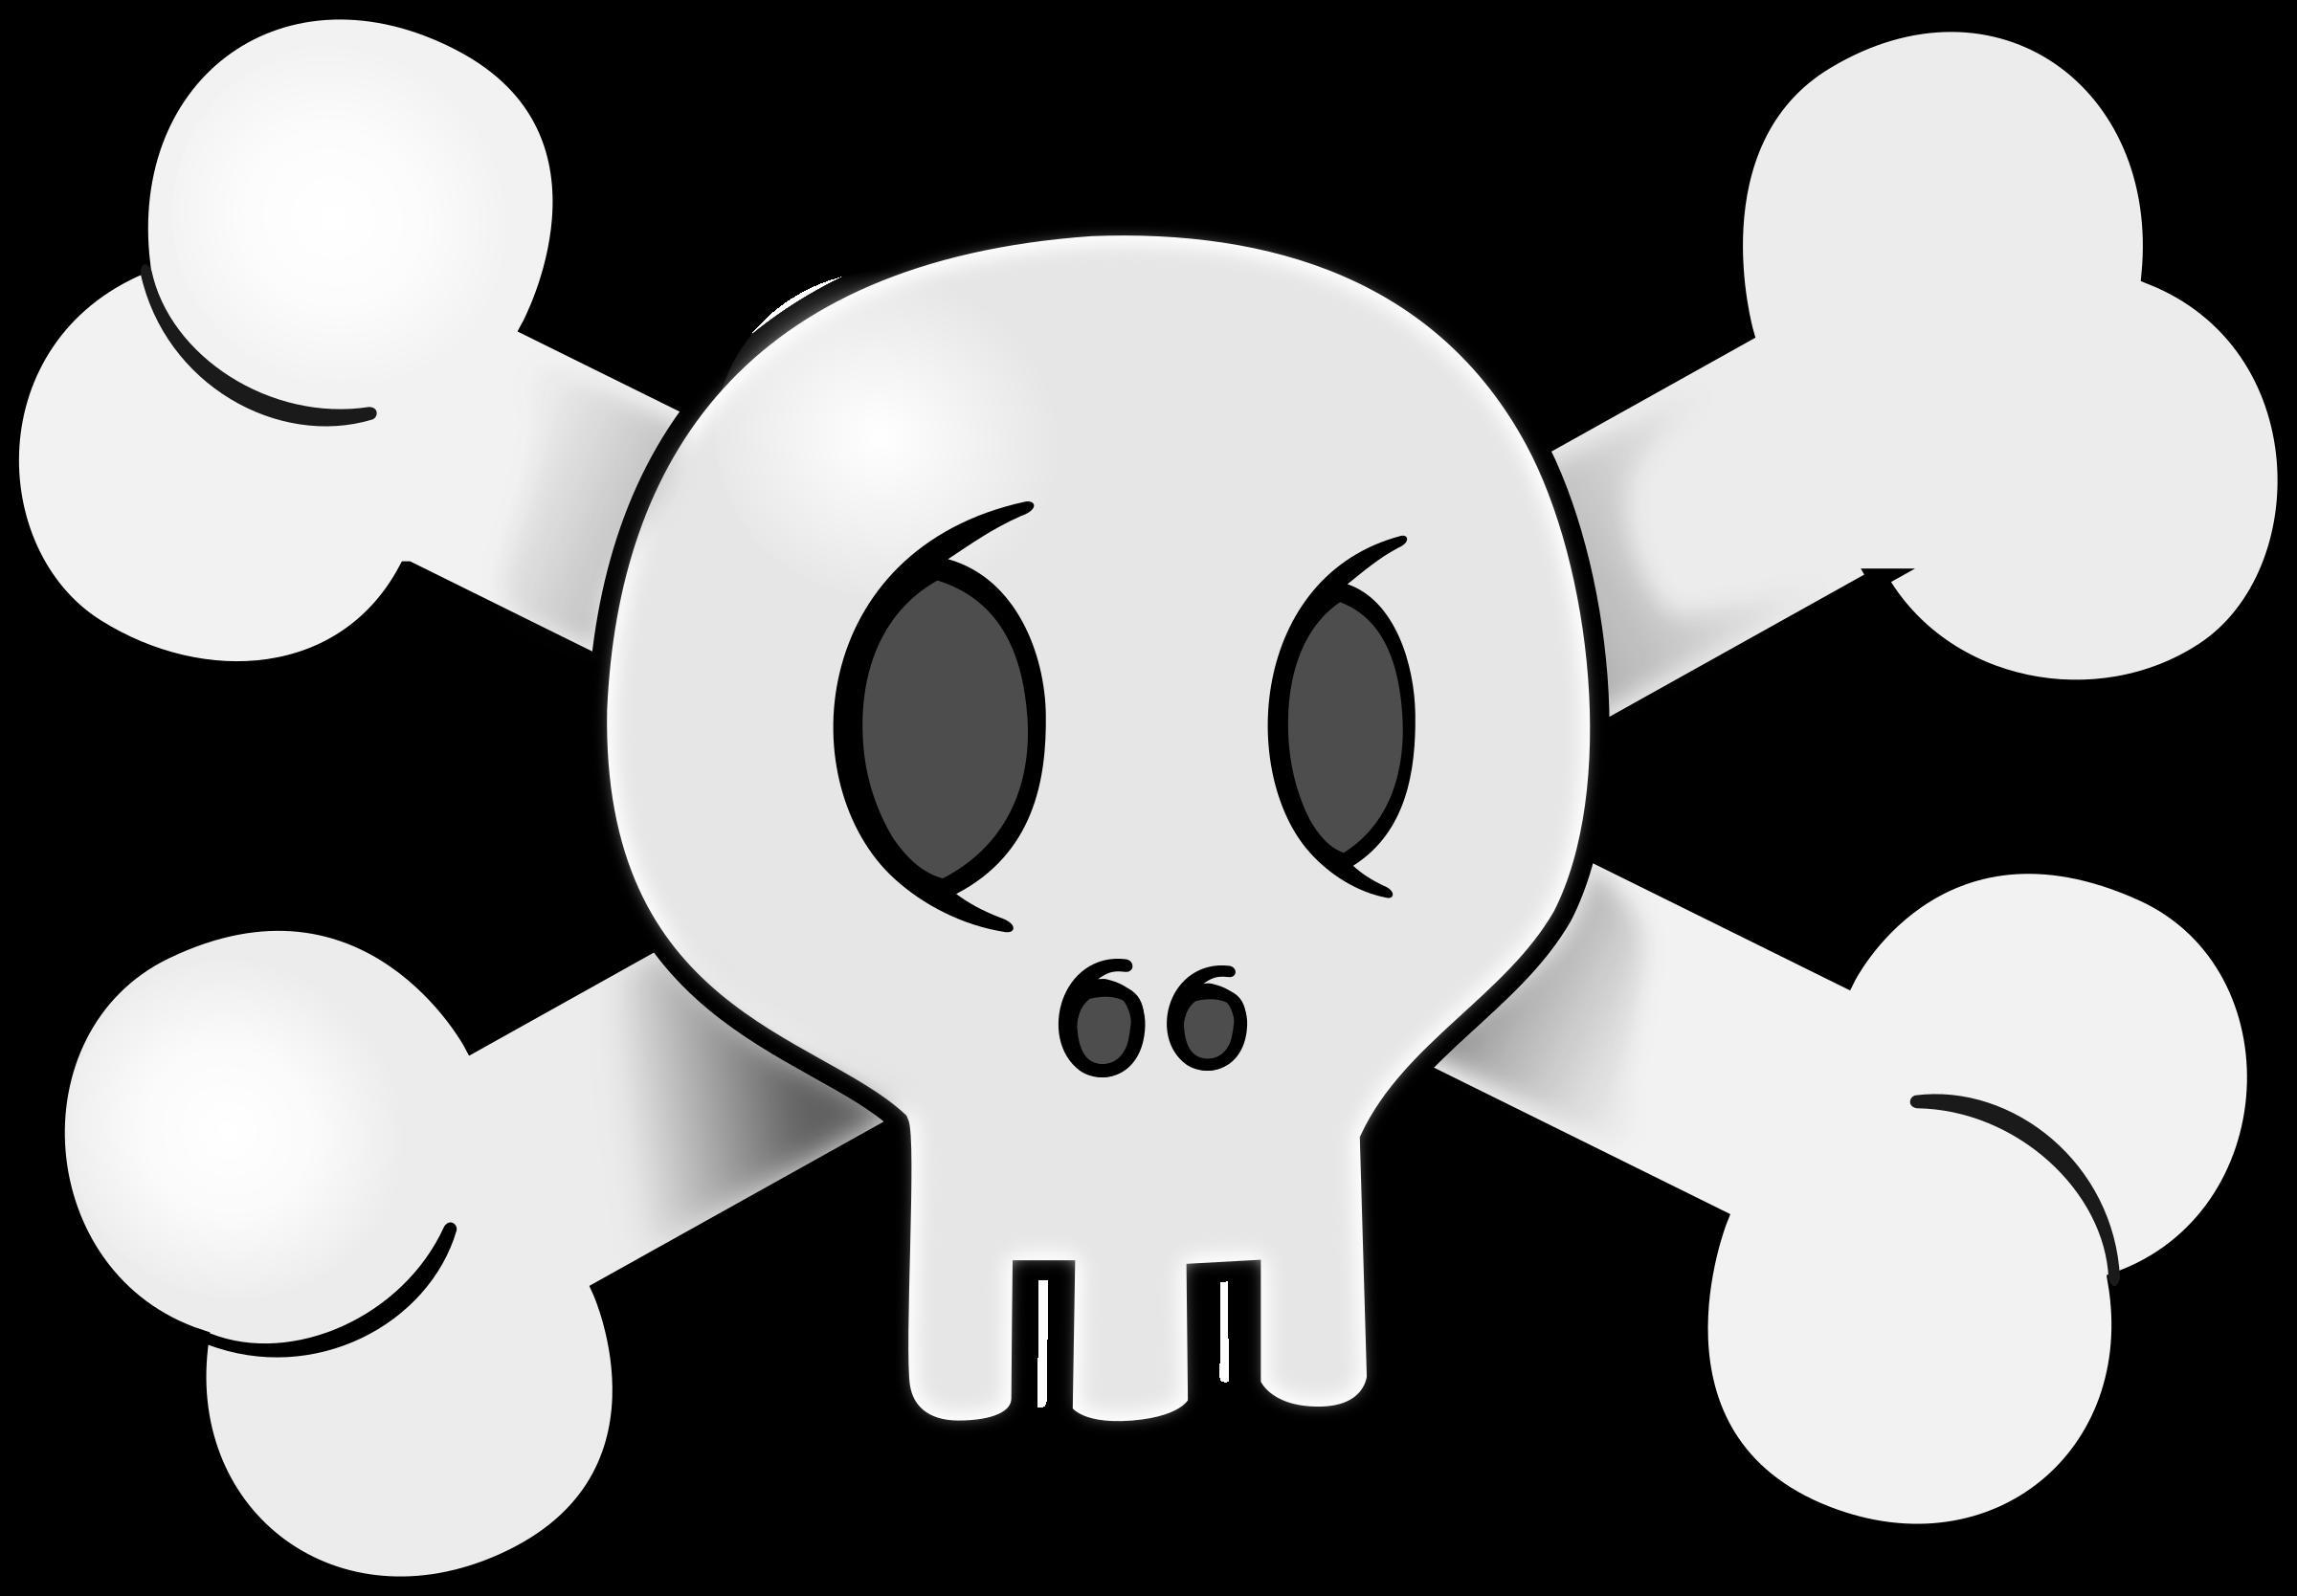 Ssckull clipart friendly Clipart Skull Skull